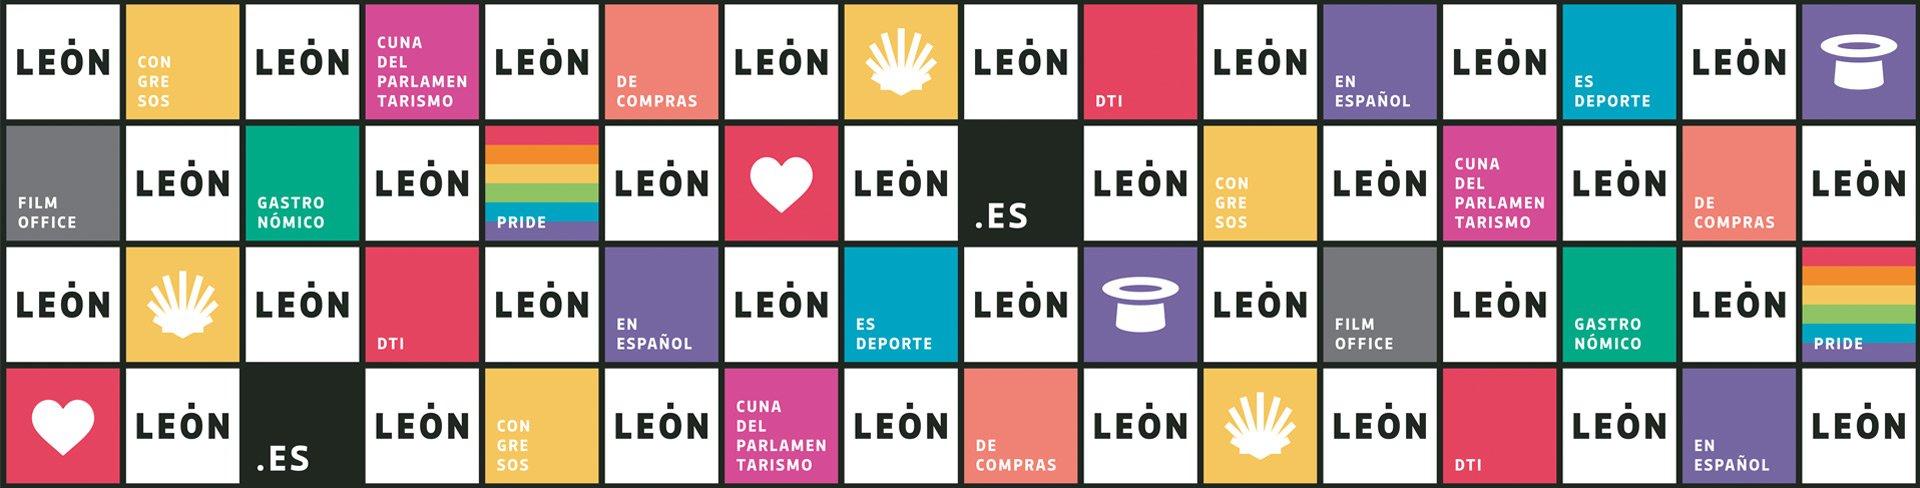 León 8